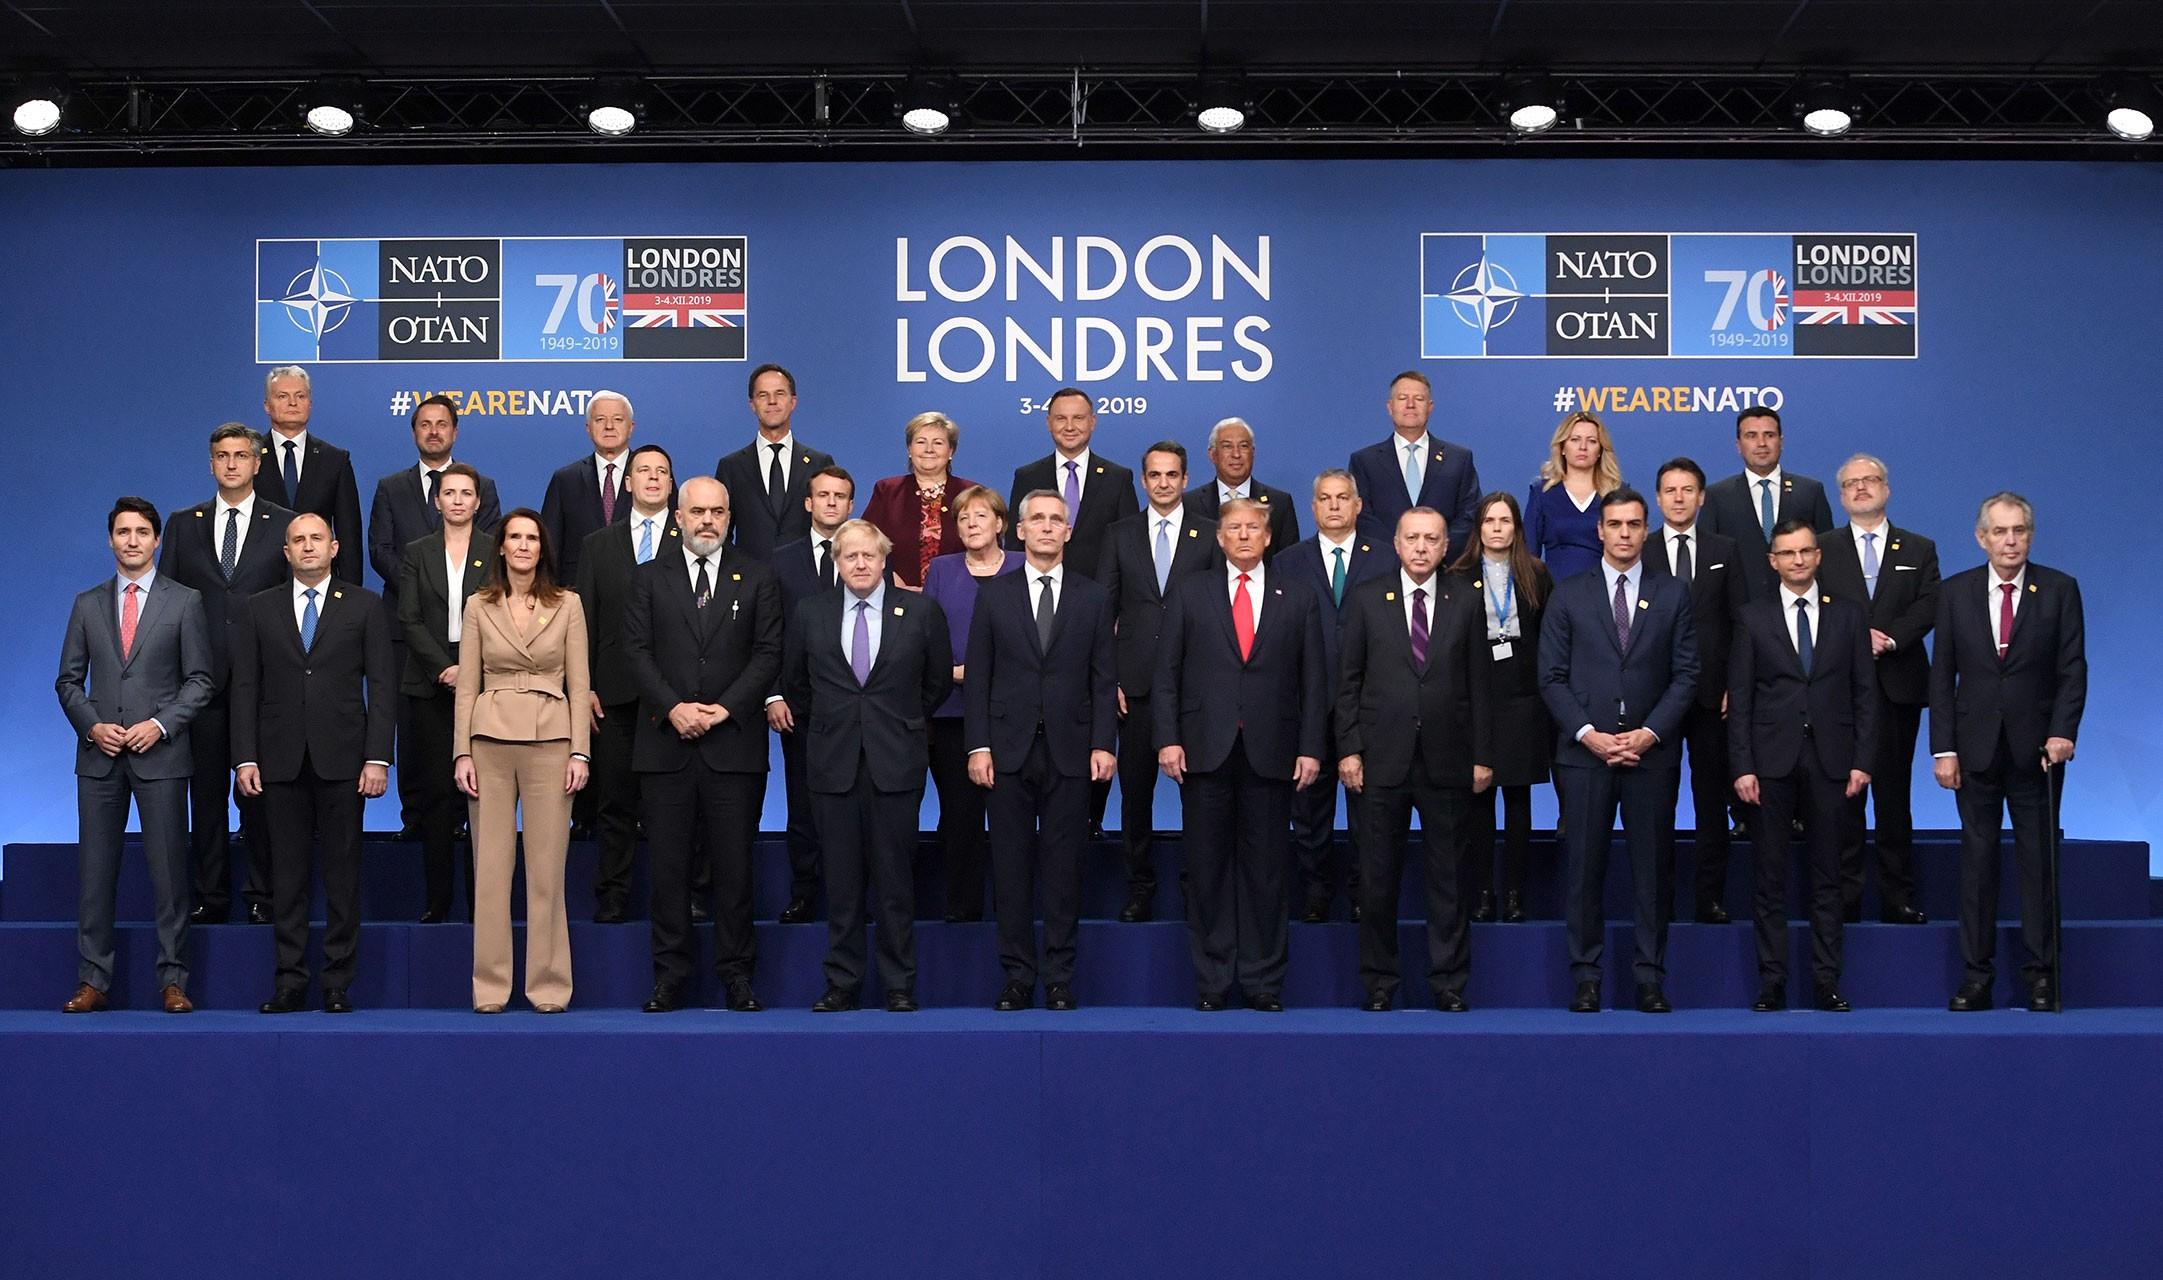 NATO üyesi ülkelerin liderleri zirve öncesi aile fotoğrafı için dizildi.